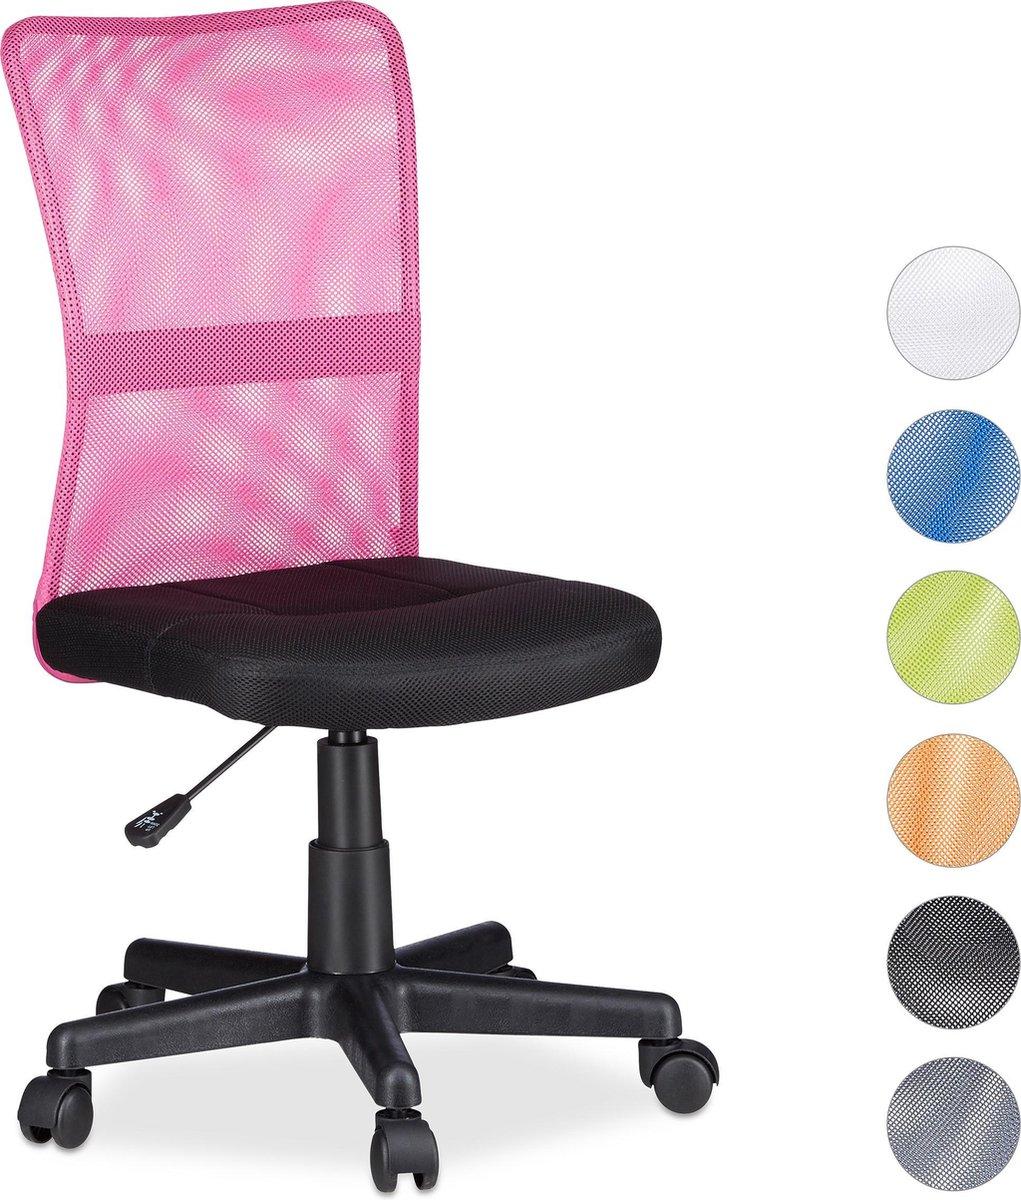 Relaxdays Bureaustoel voor kinderen - Ergonomisch - 90kg - Roze